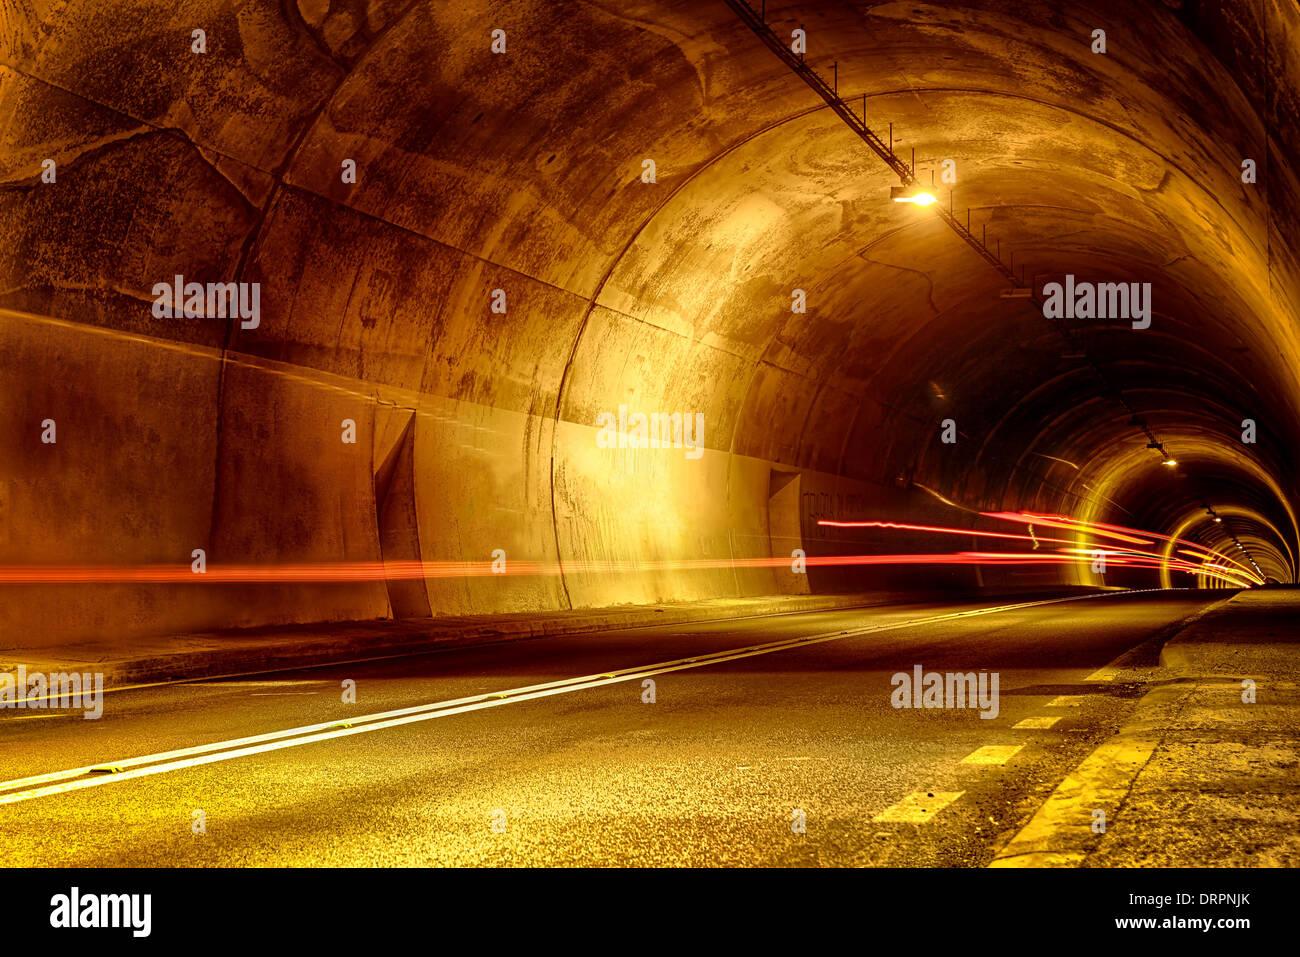 Tunnel di notte con tracce di luce Immagini Stock